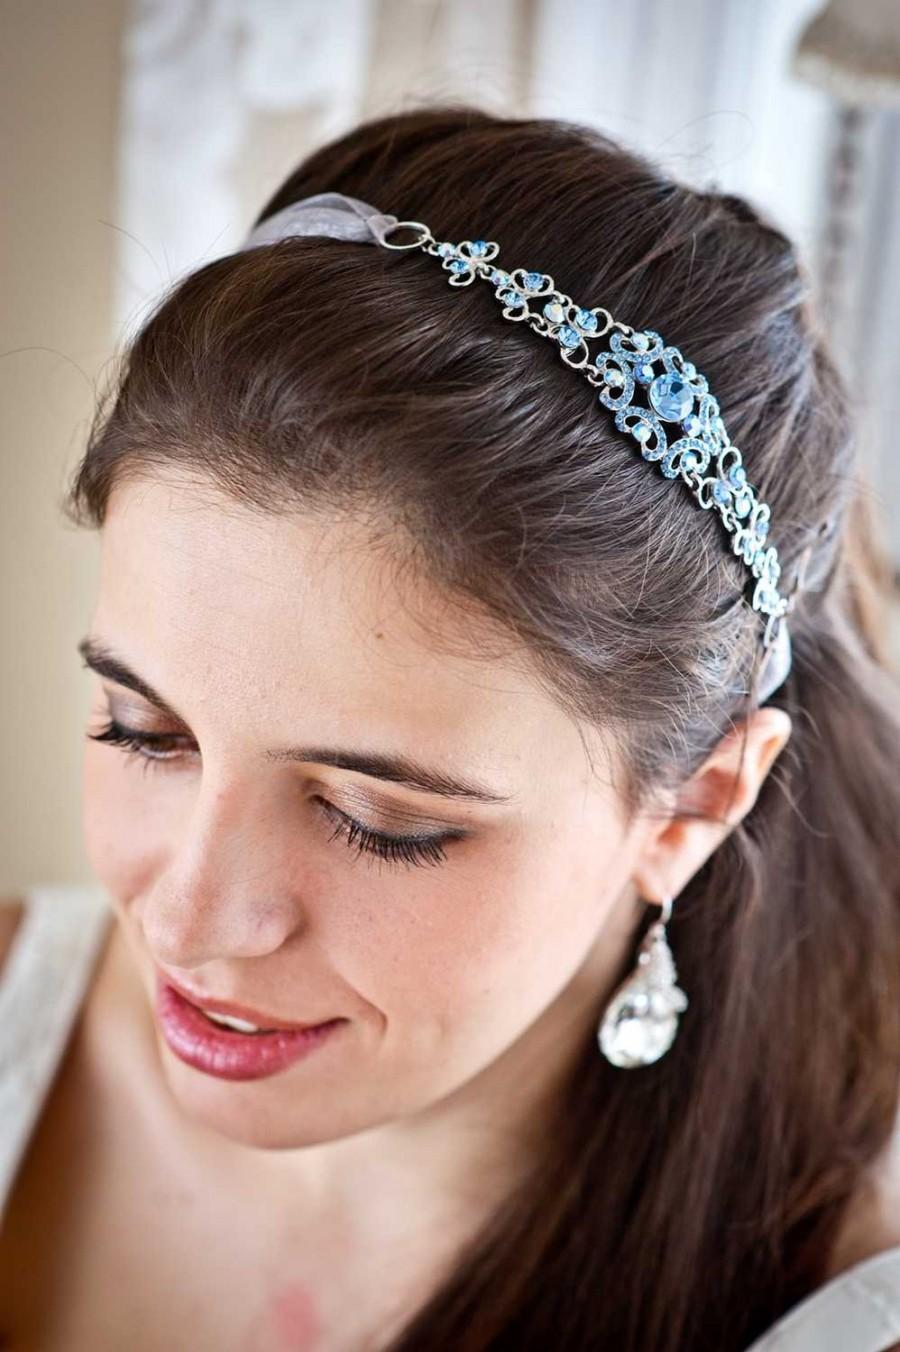 Hochzeit - Crystal Headband - Crystal Headpiece - Wedding Headpiece - Wedding Headband - Something Bue - Bridal Headpiece - Prom Headband - SOPHIA